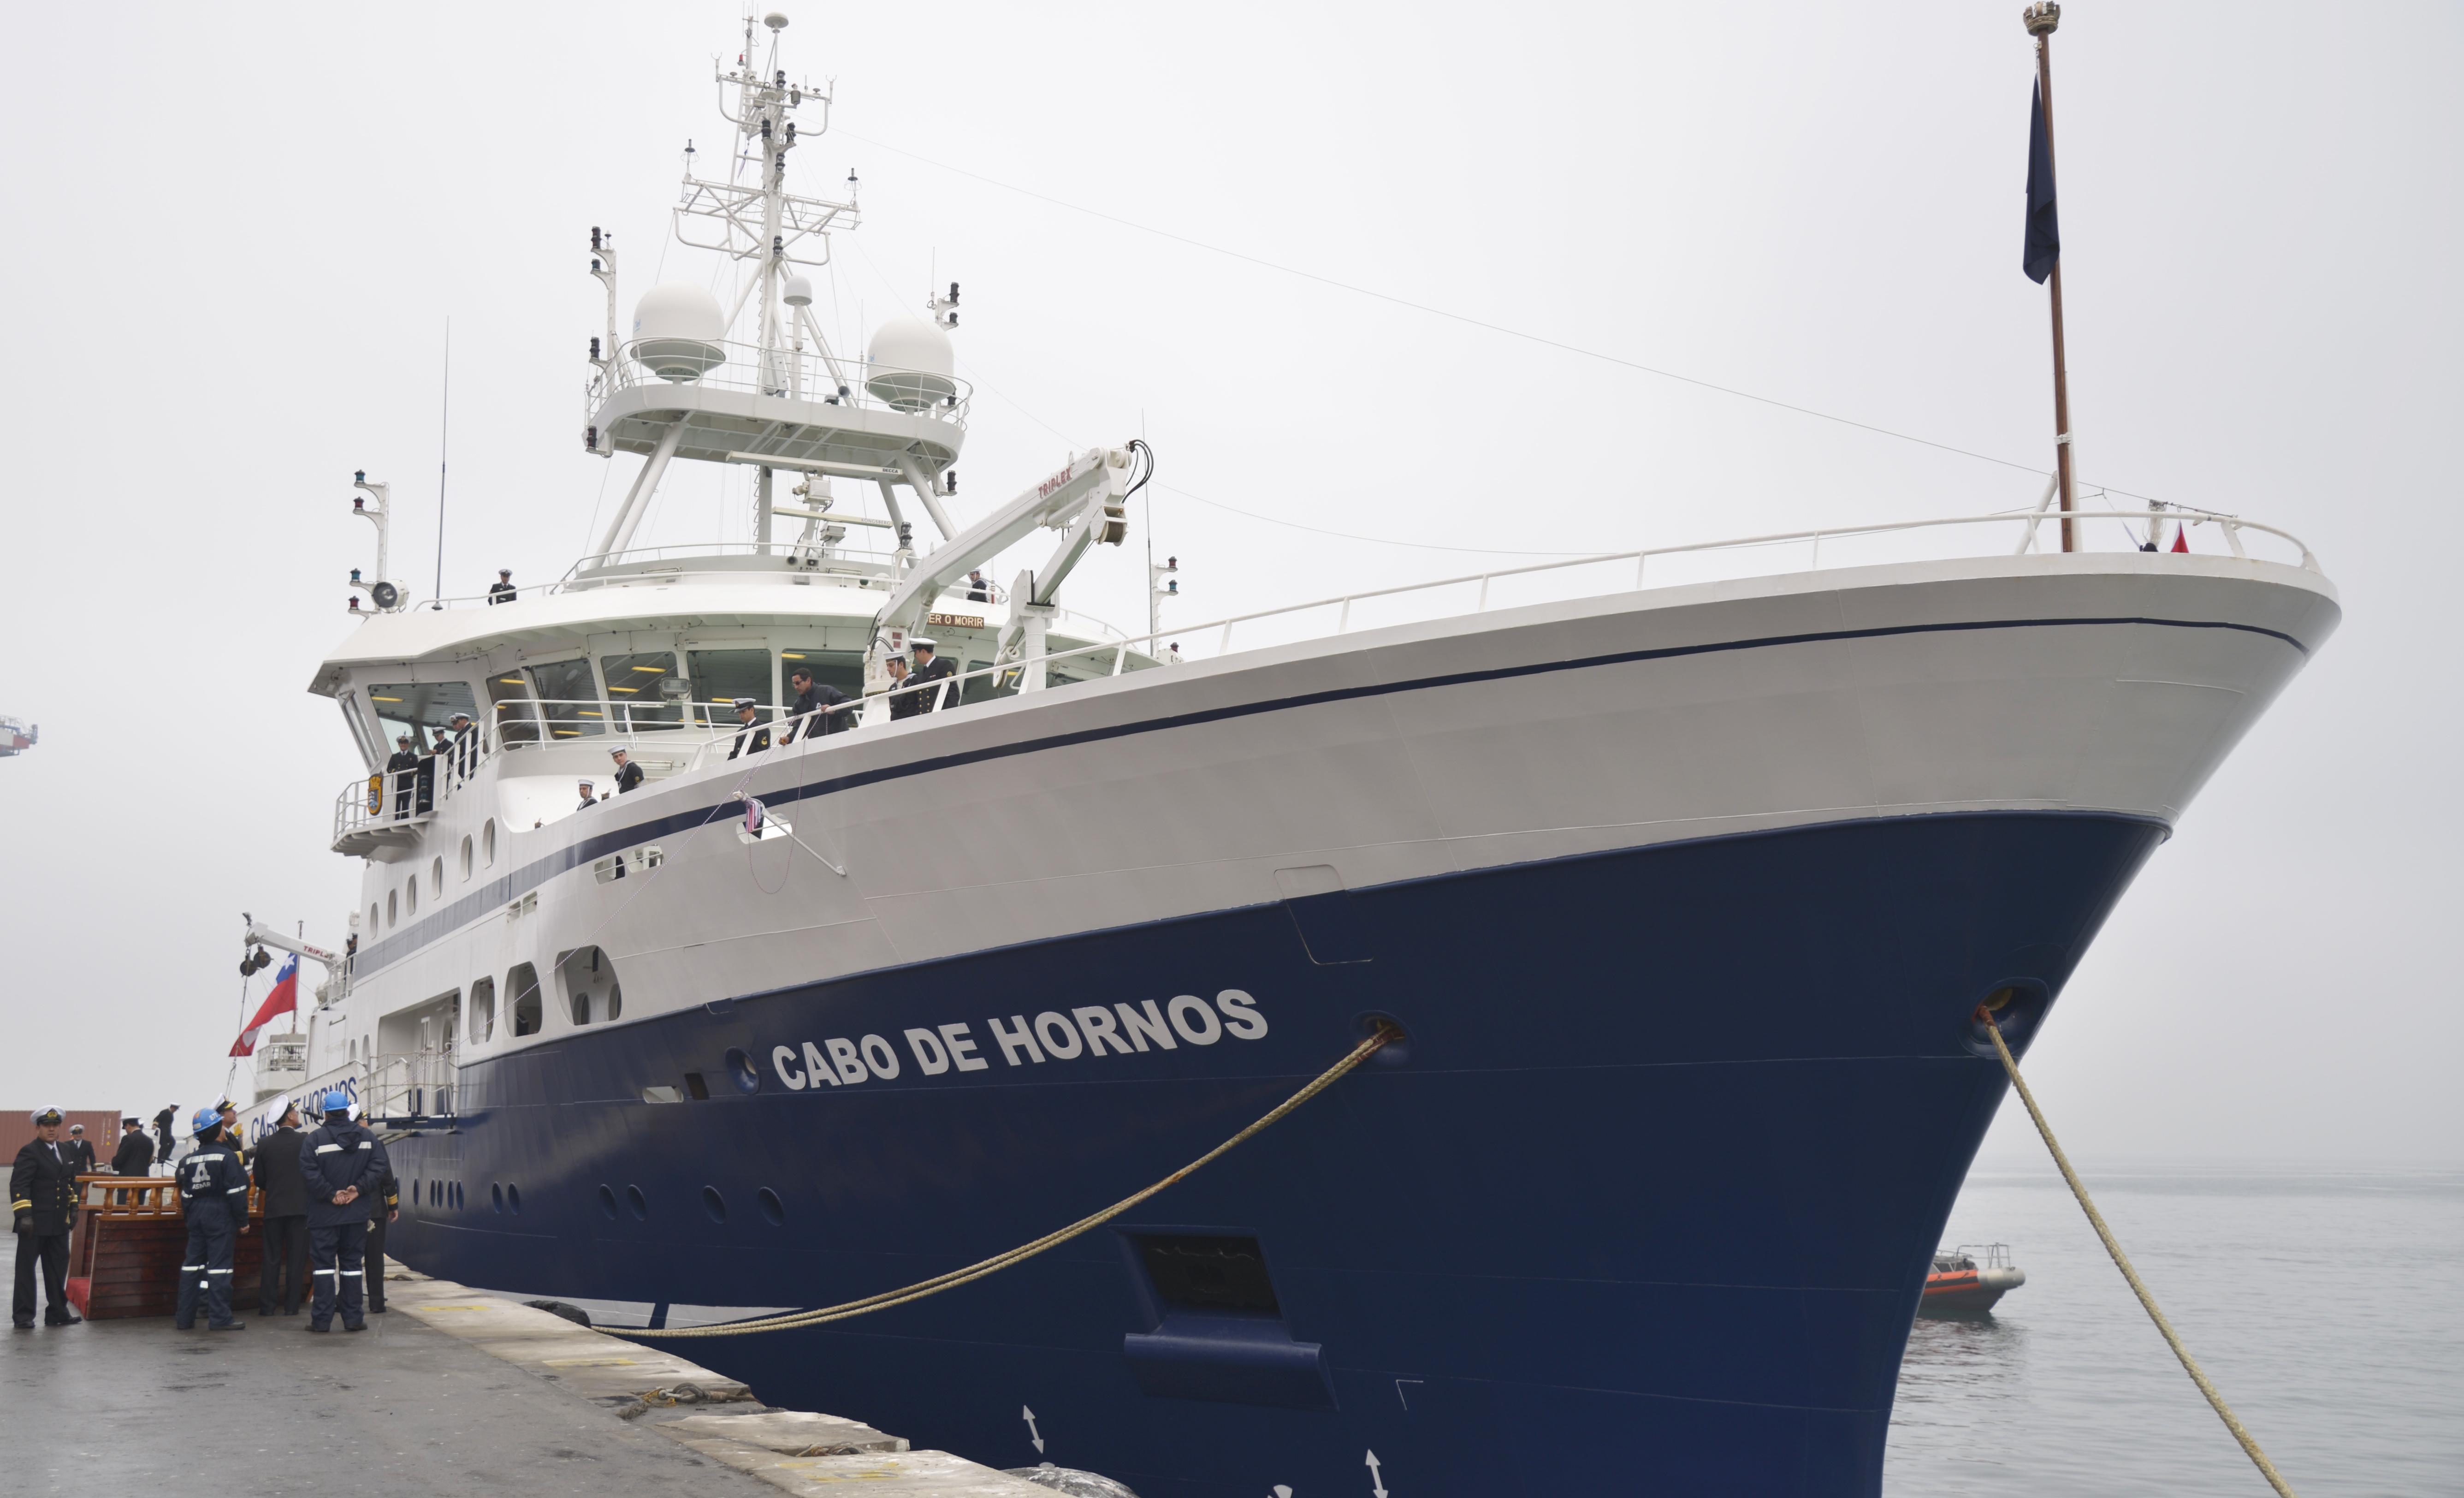 Cabo de Hornos. Armada deChile